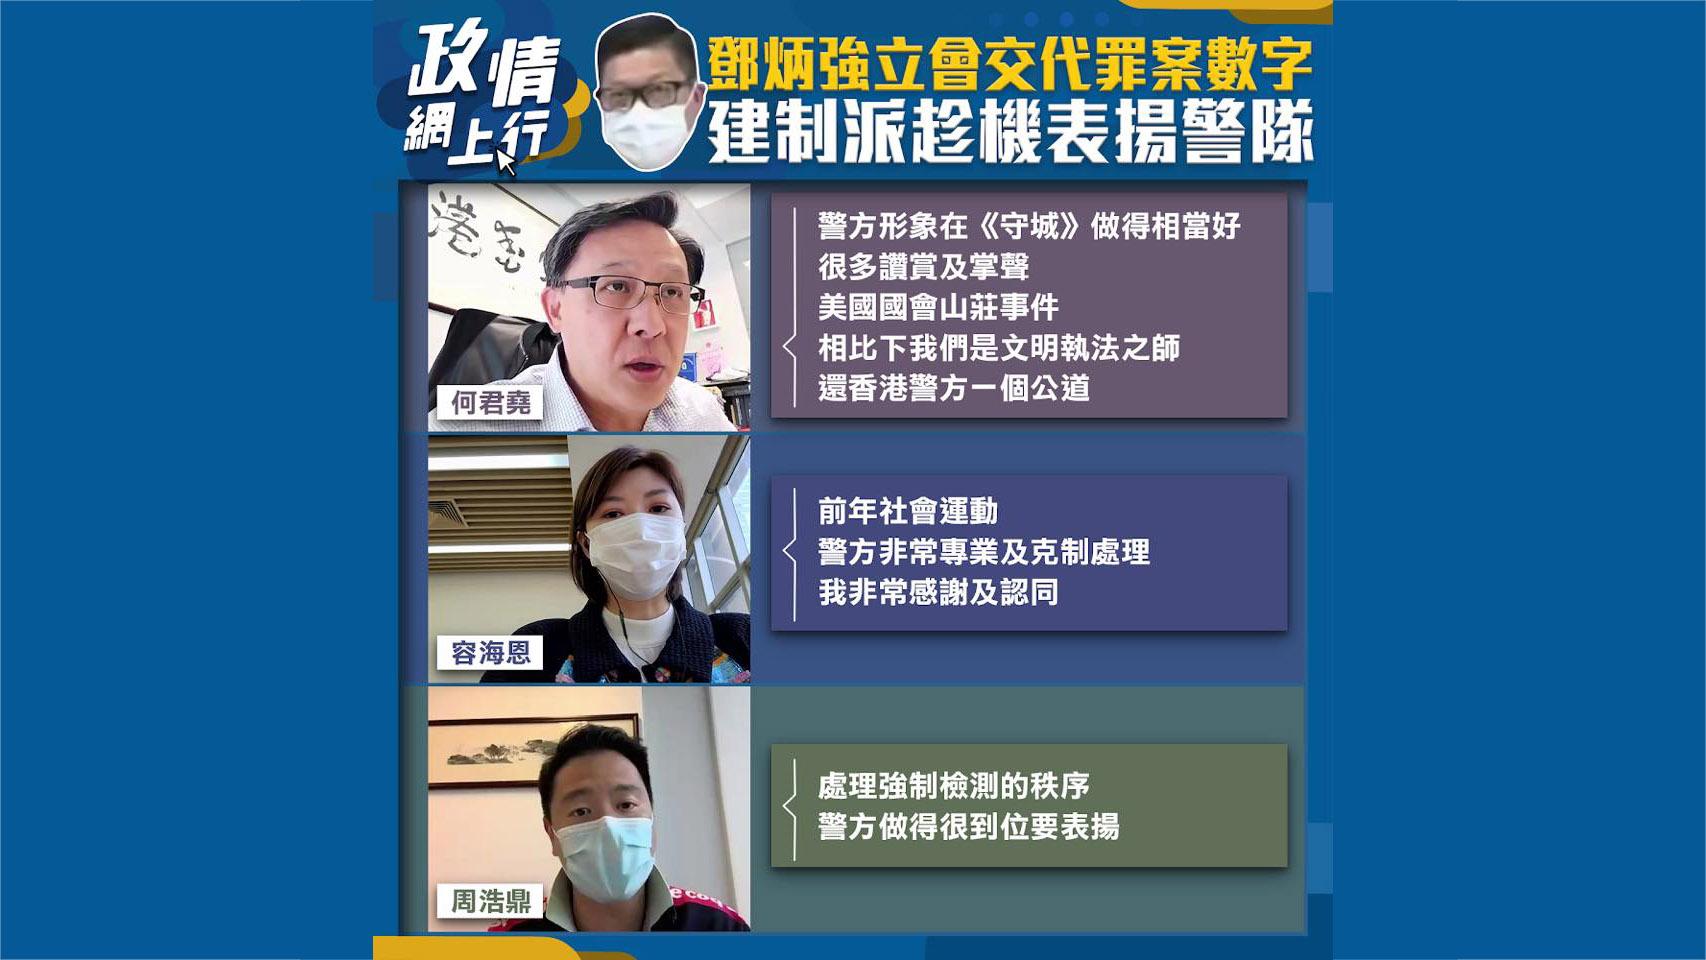 【政情網上行】鄧炳強立會交代罪案數字 建制派趁機表揚警隊